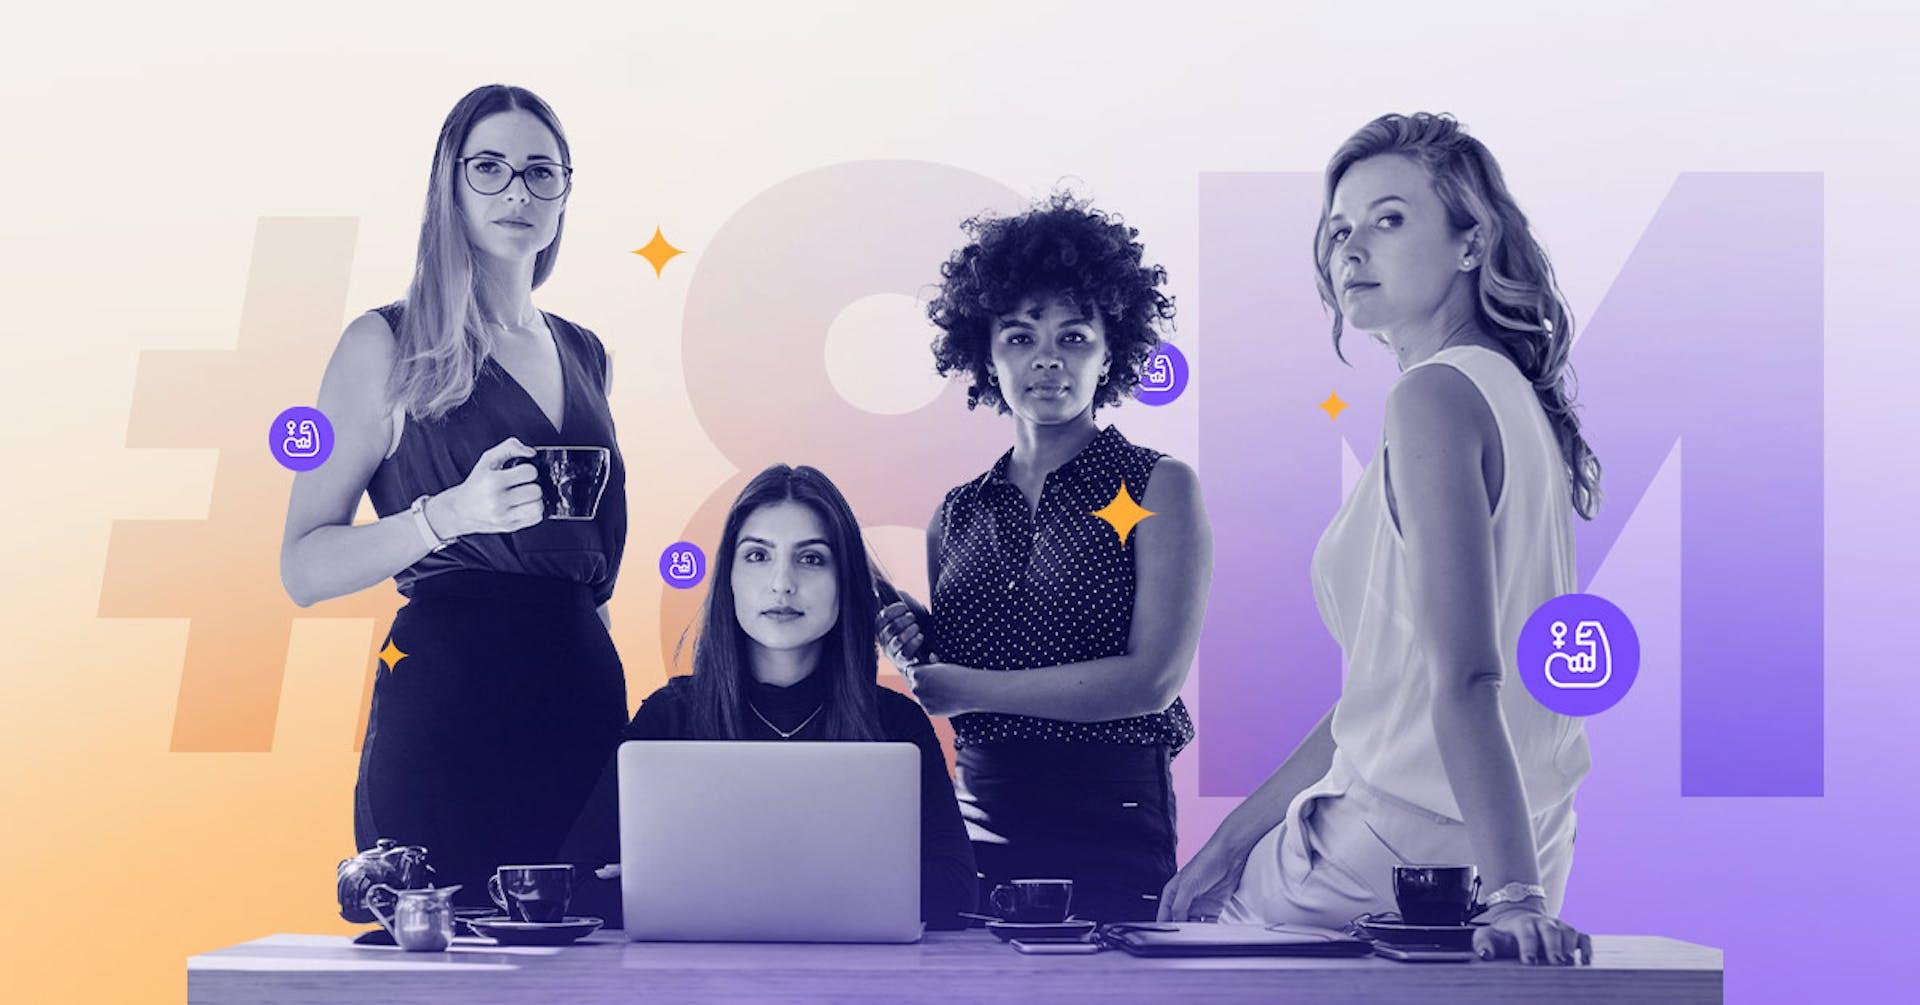 Día Internacional de la Mujer: Impulsa el liderazgo femenino en tu organización